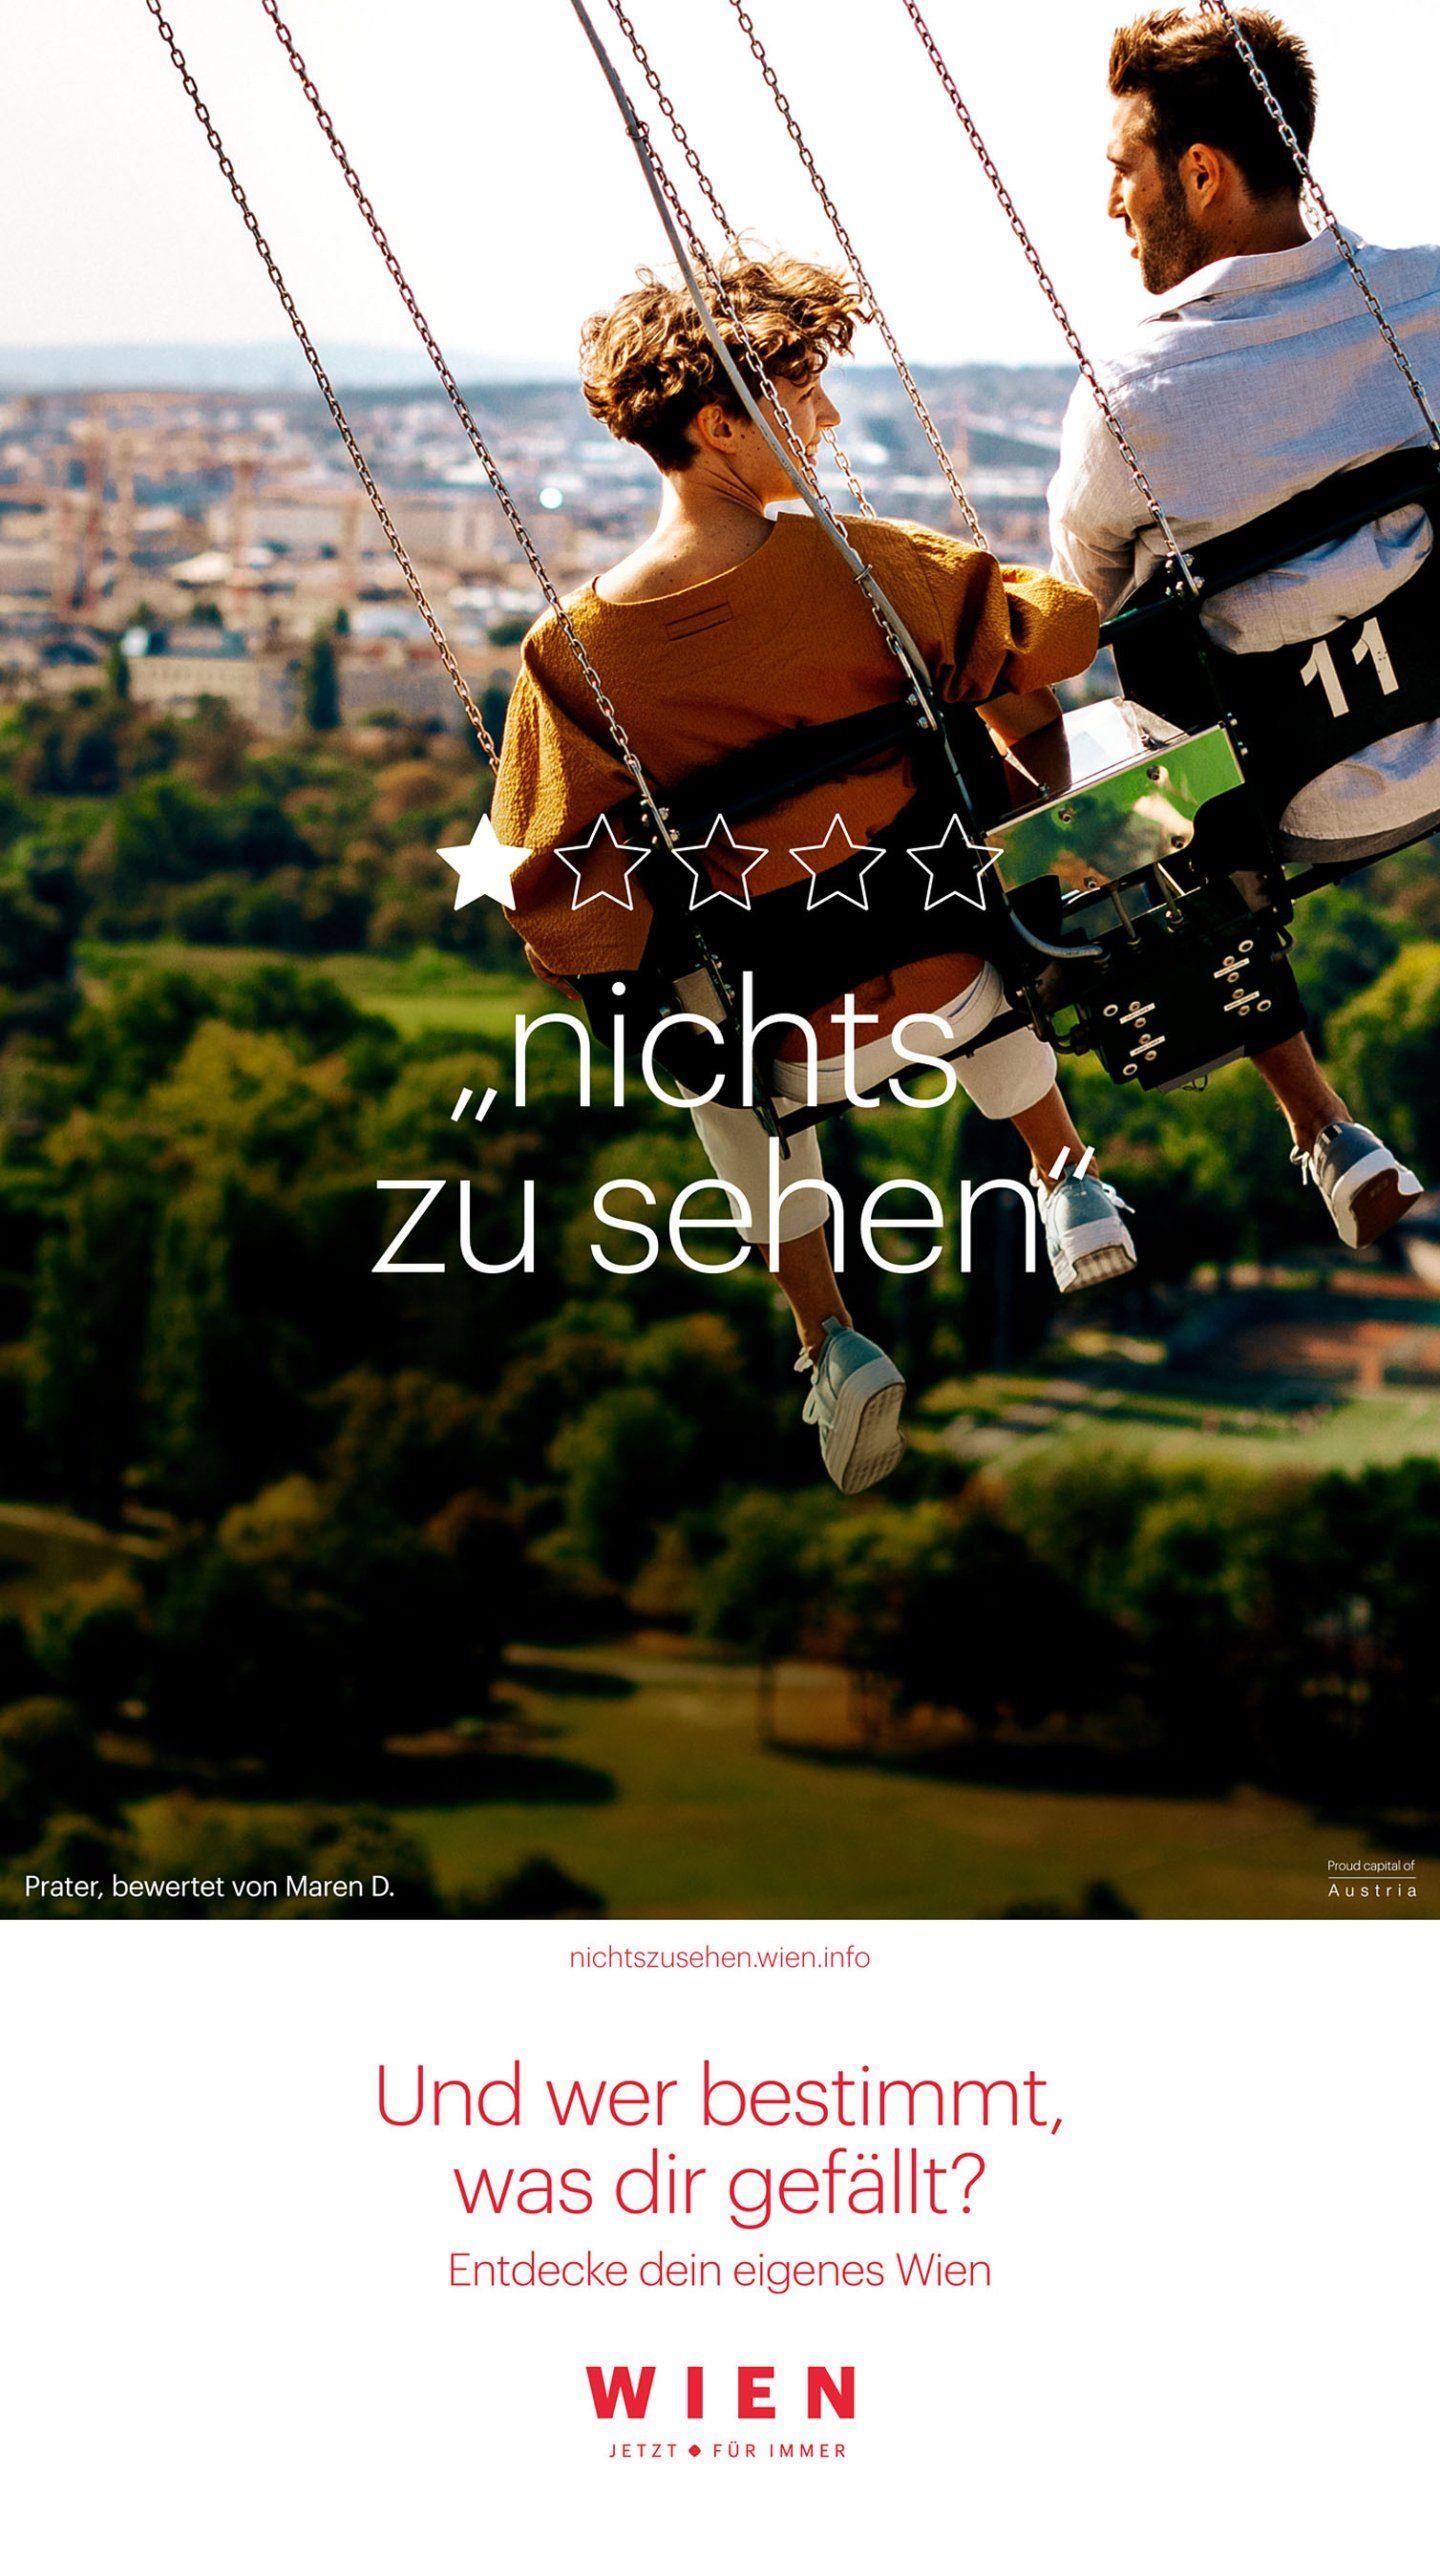 WienTourismus Kampagne Unrating Vienna gewinnt Eurobest Award